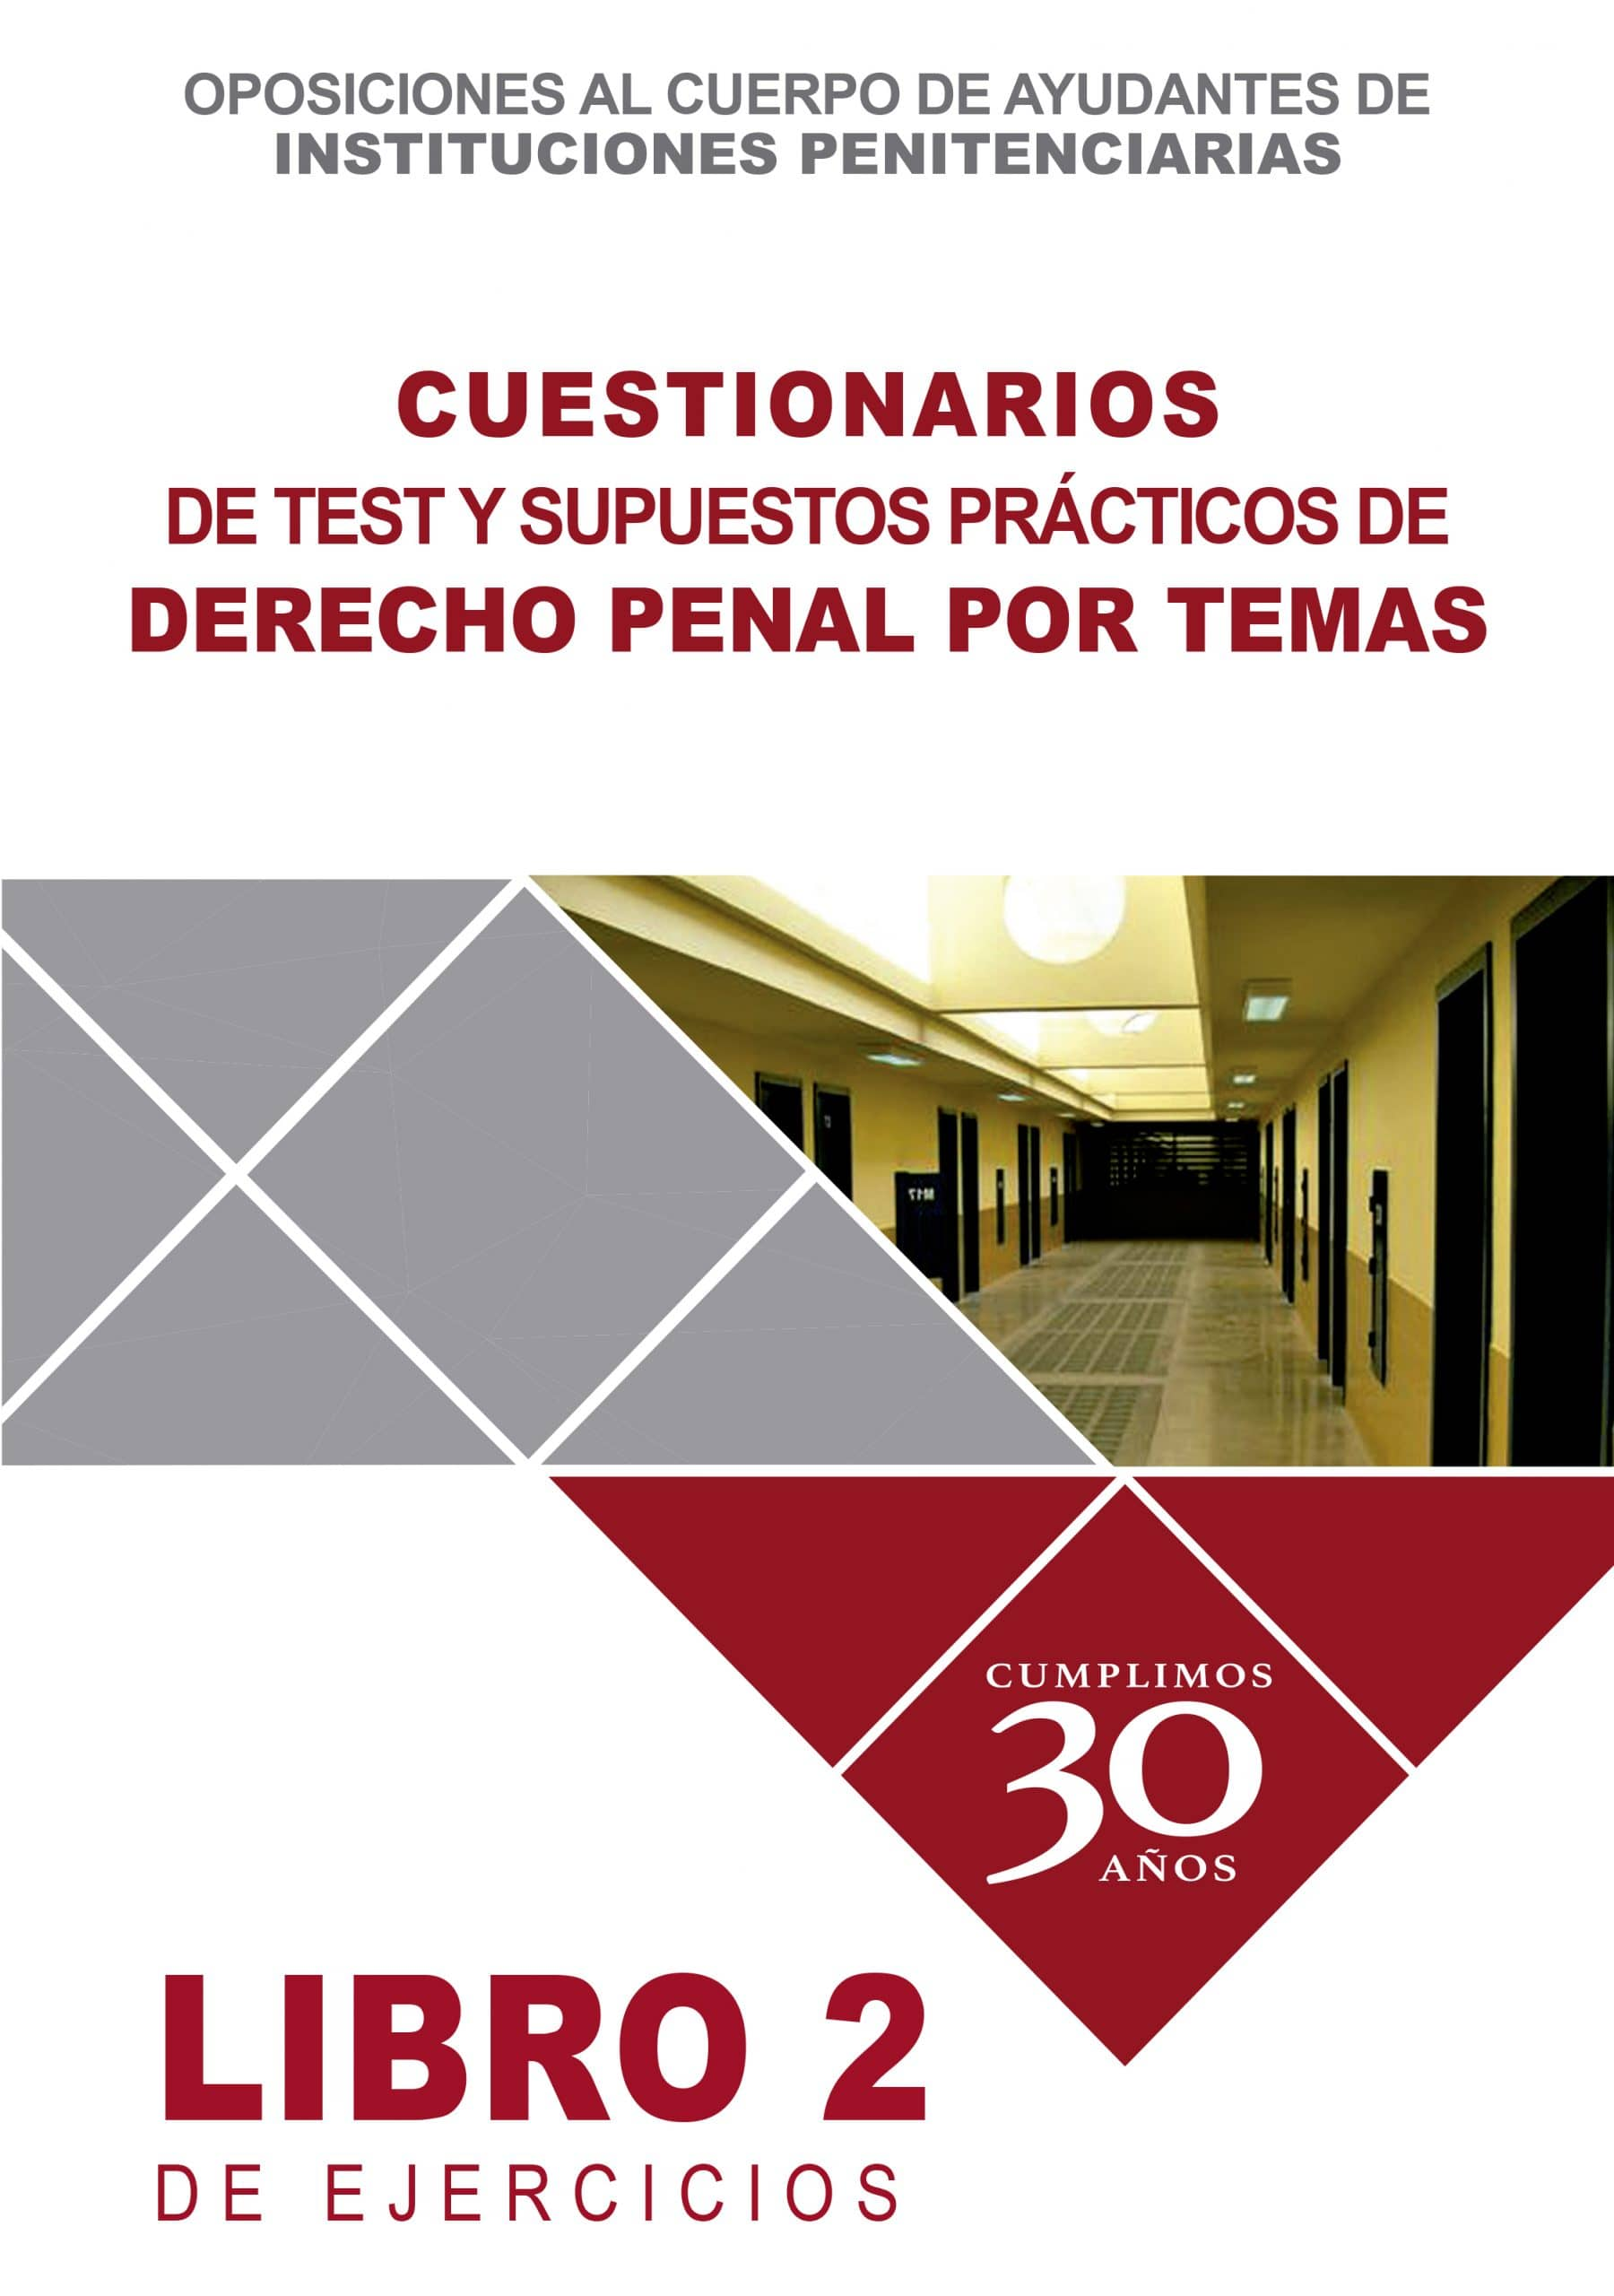 cuestionarios derecho penal